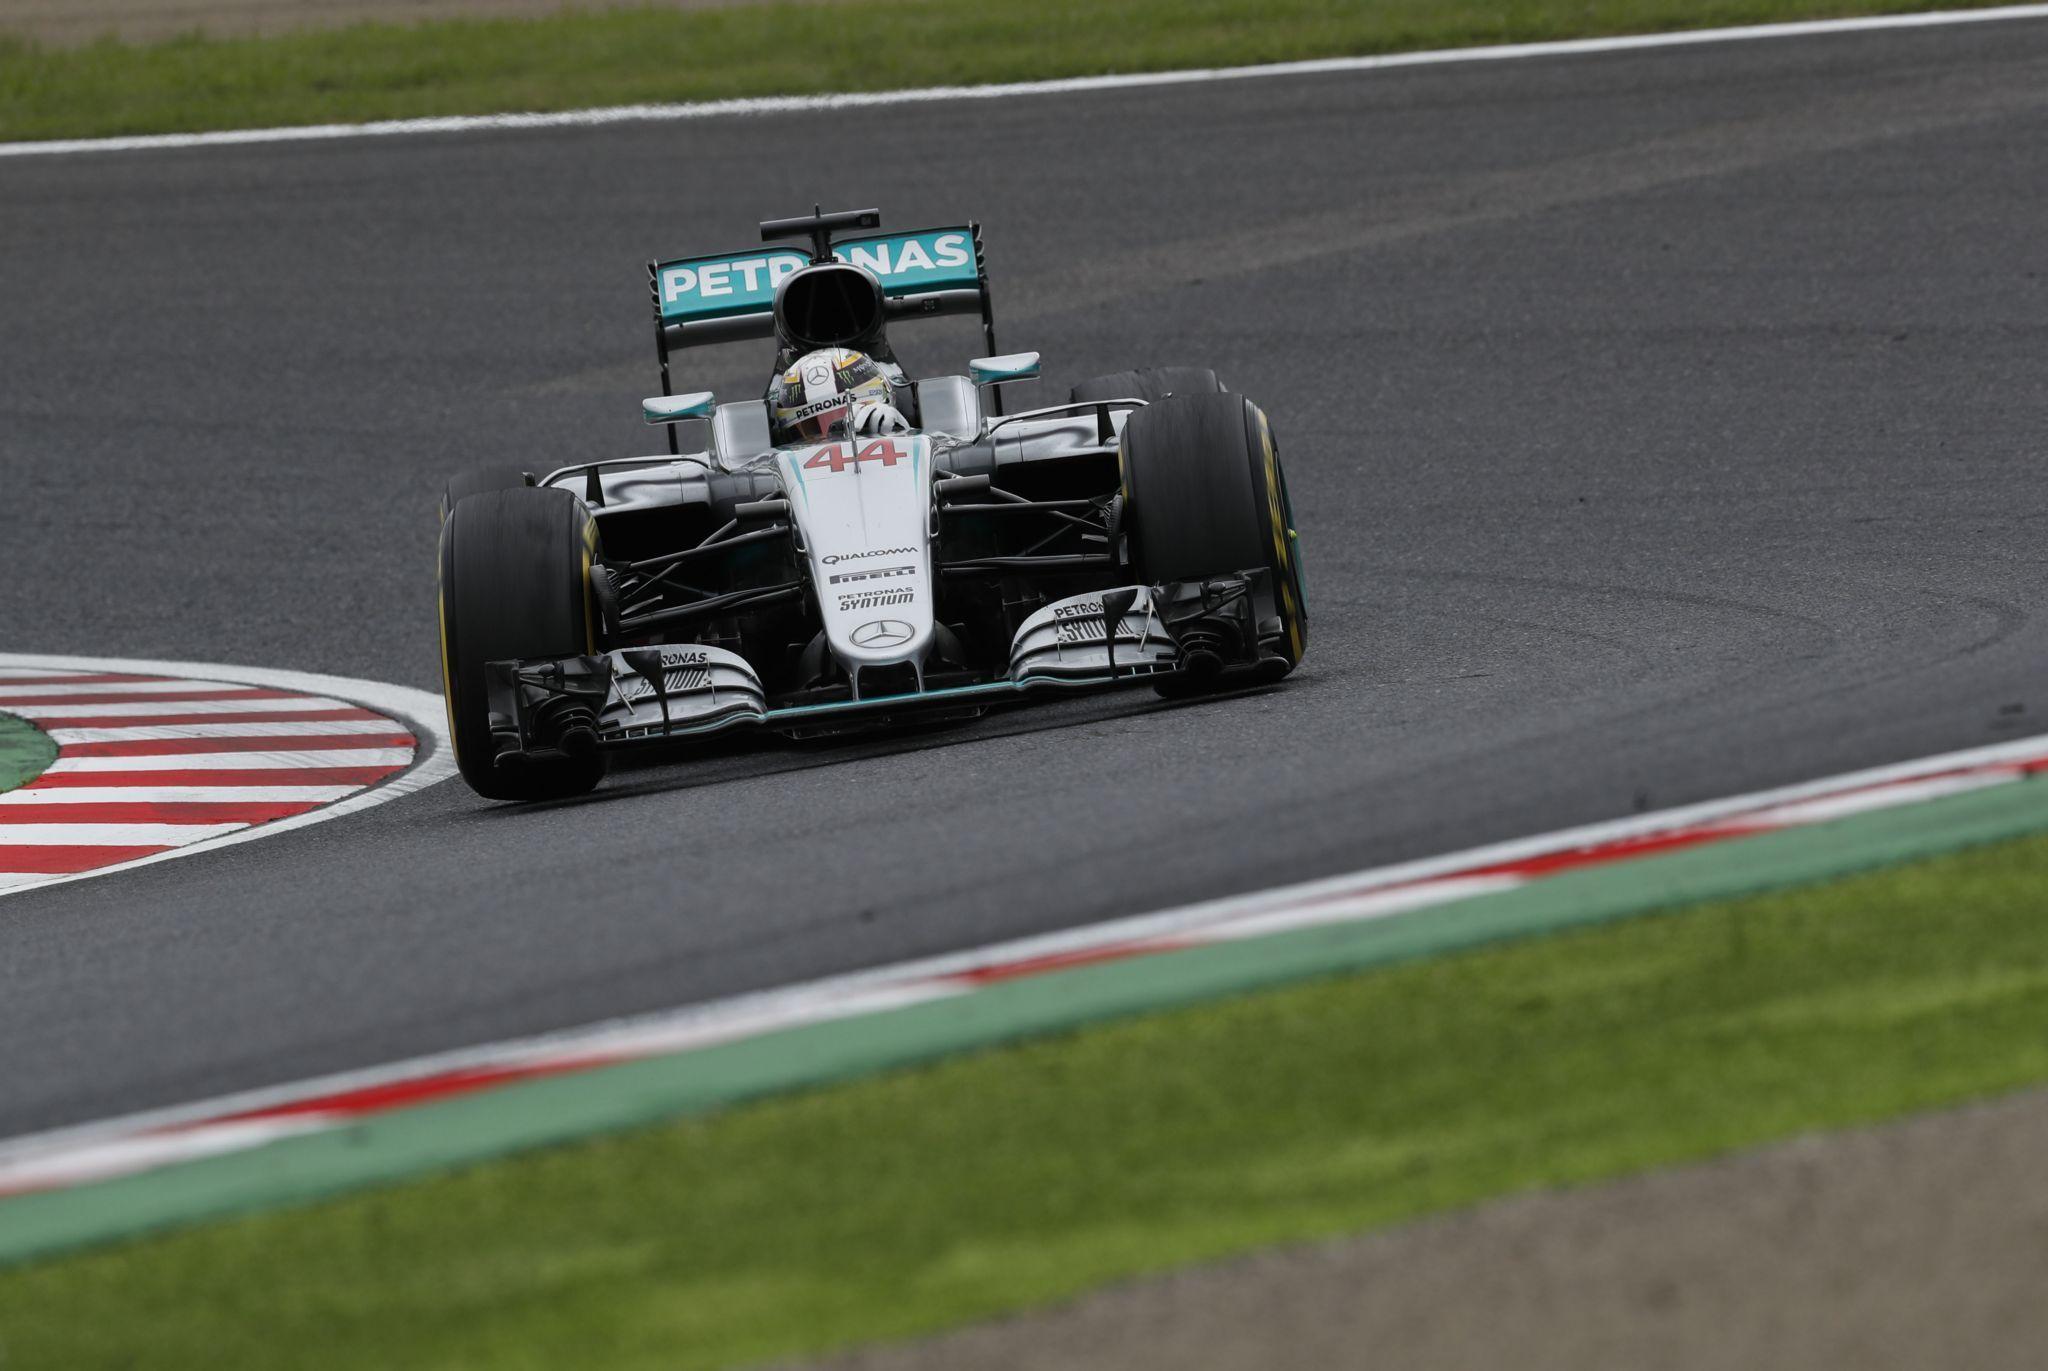 Dopo una partenza orribile, Lewis Hamilton è riuscito a rimediare in parte, risalendo fino al 3° posto (foto da: blog.mercedes-benz-passion.com)